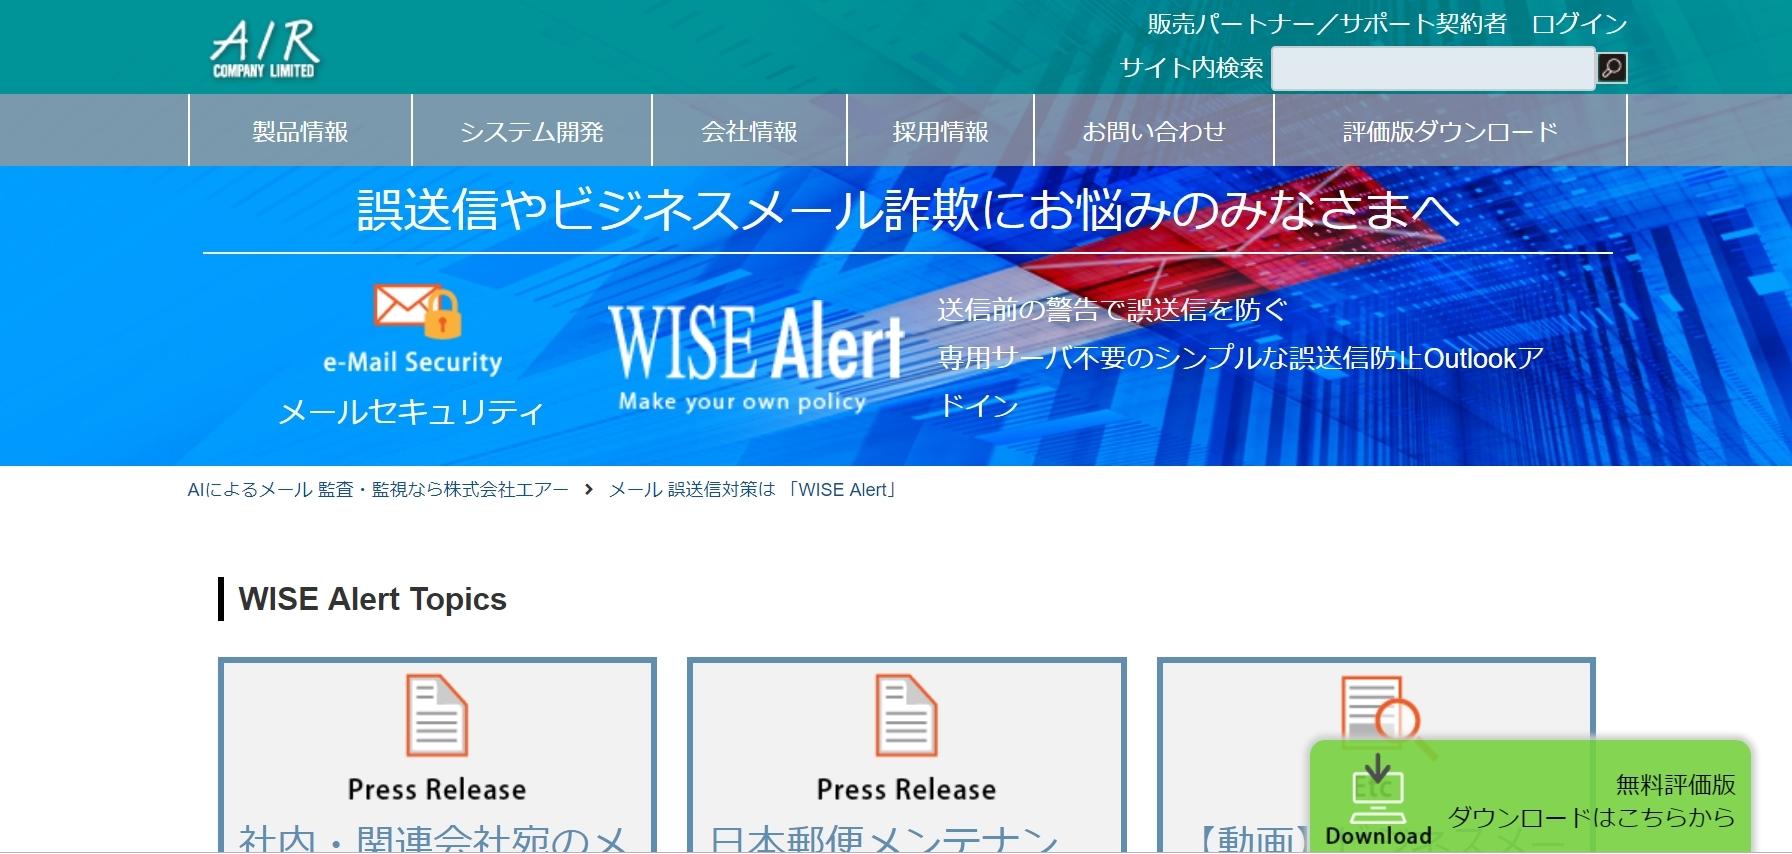 WISE Alert